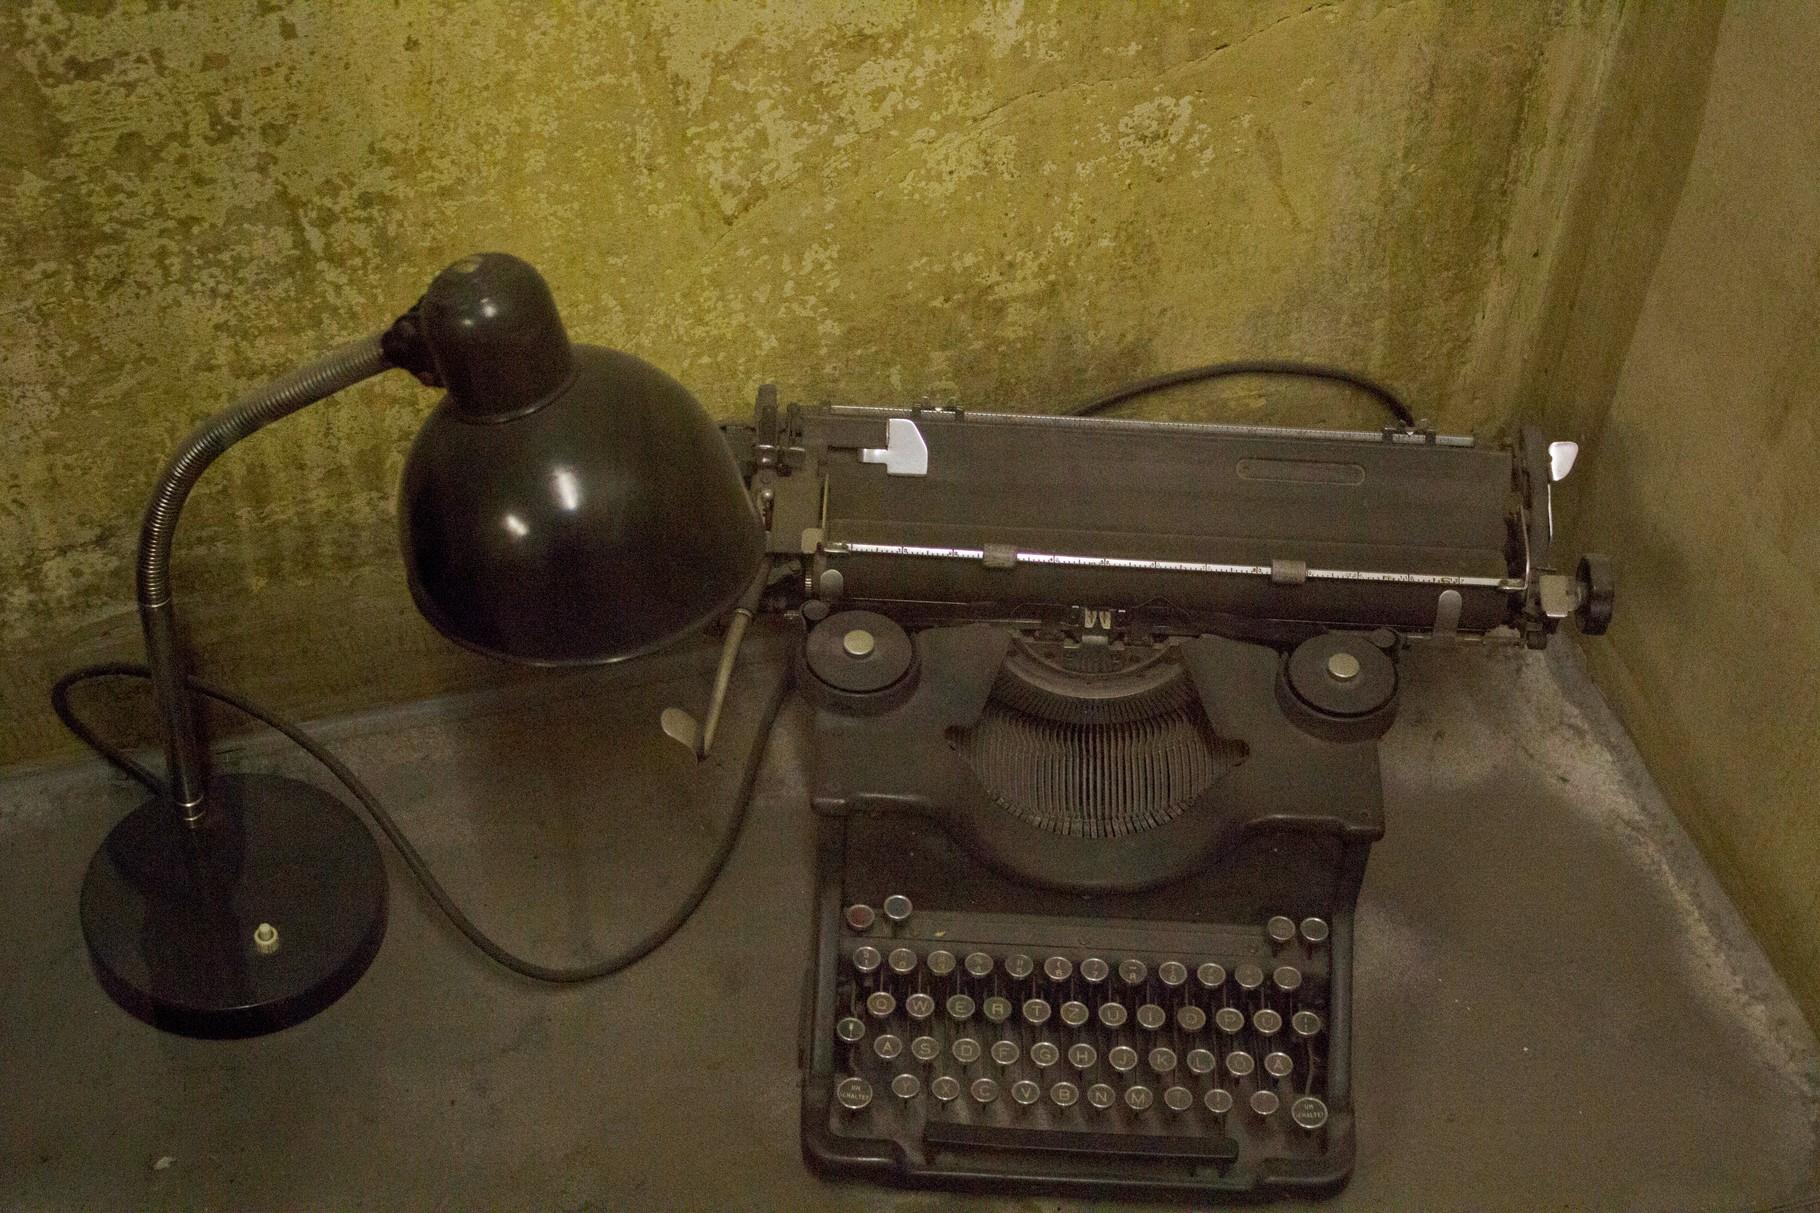 Macchina da scrivere utilizzata dai Nazisti